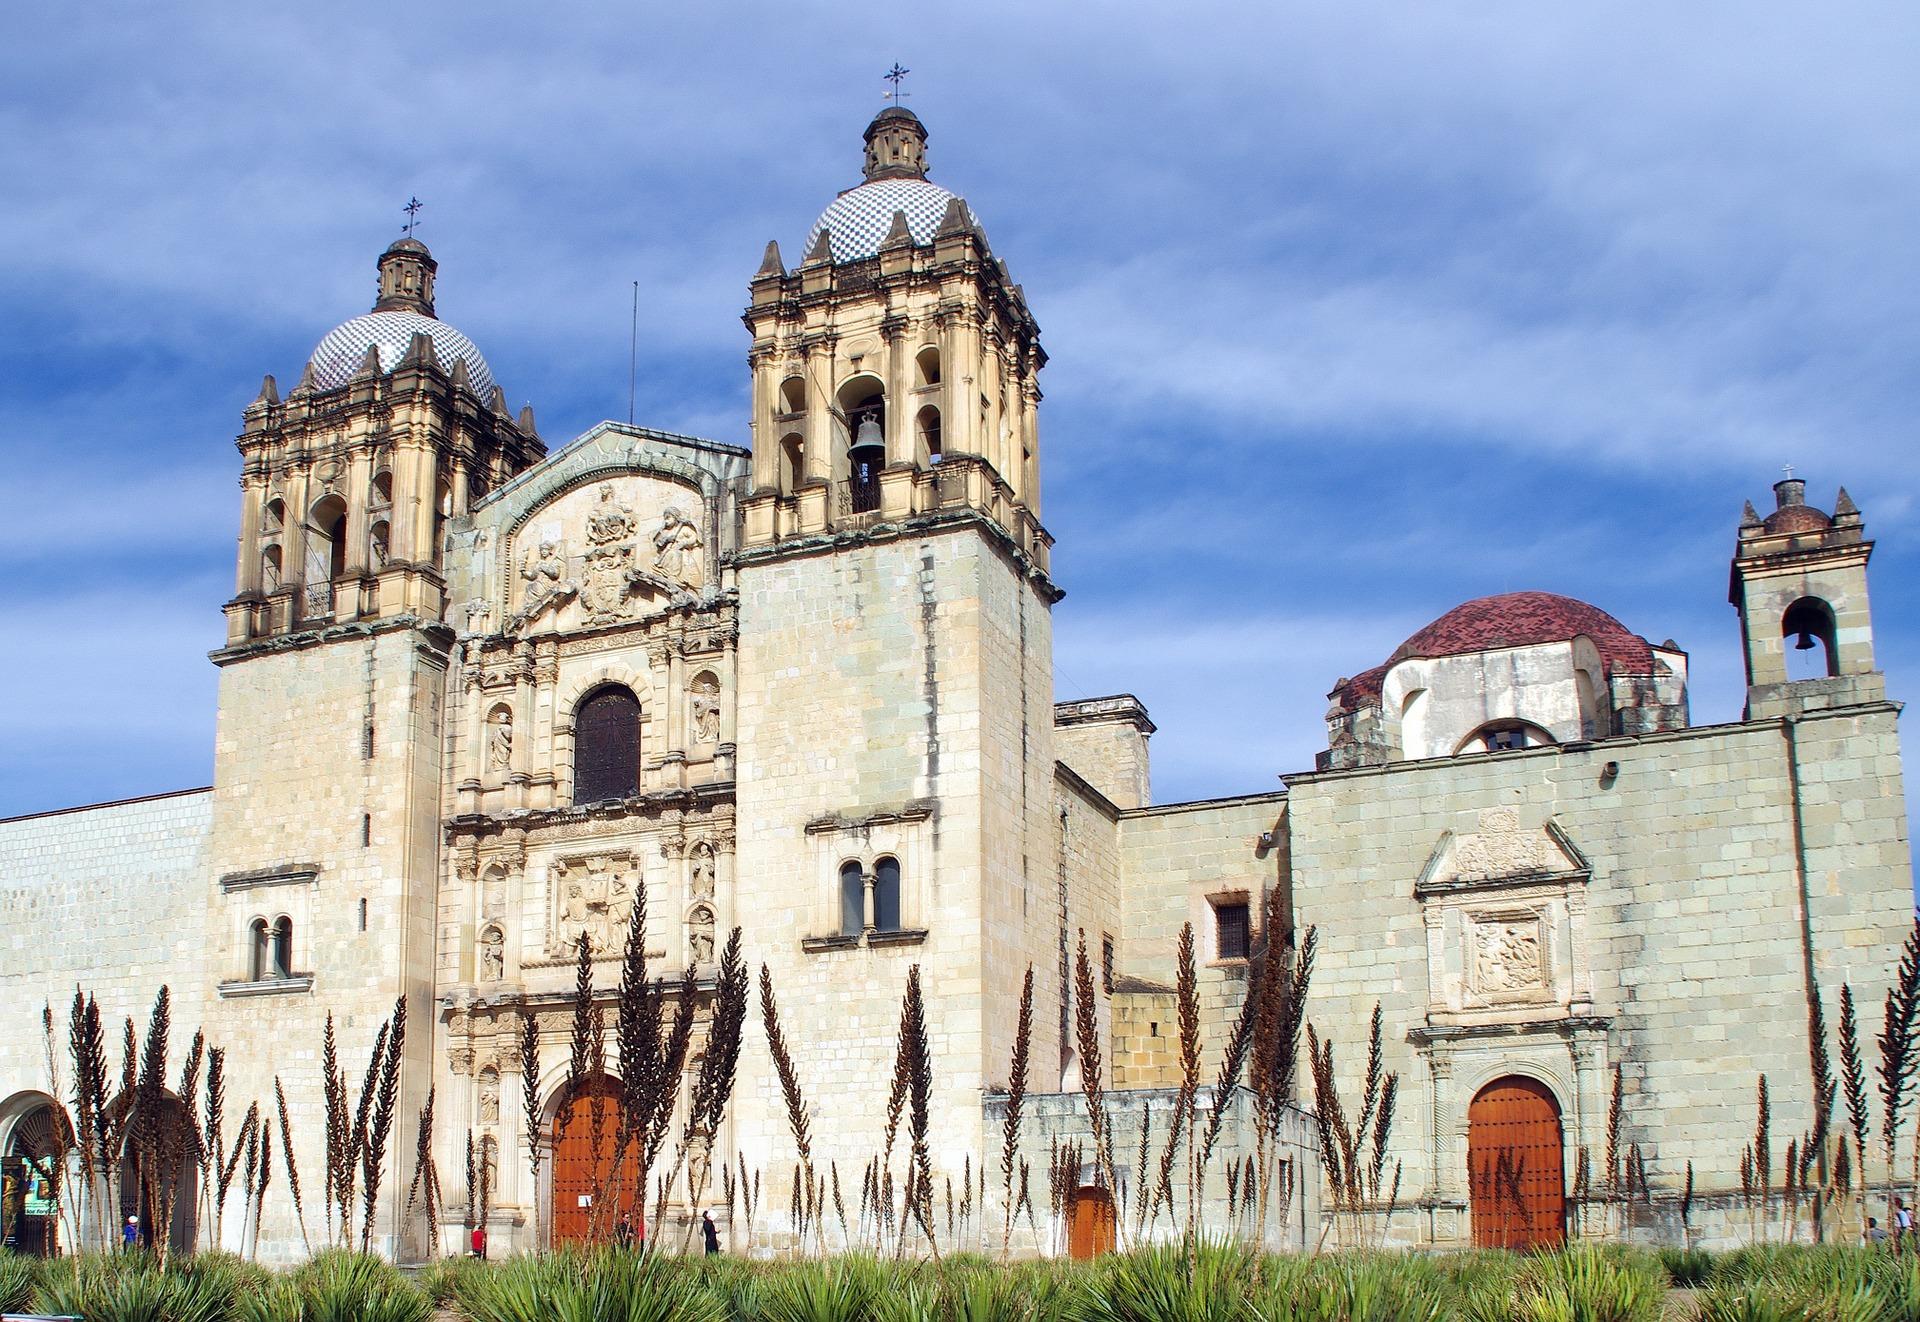 Oaxaca,Mexico